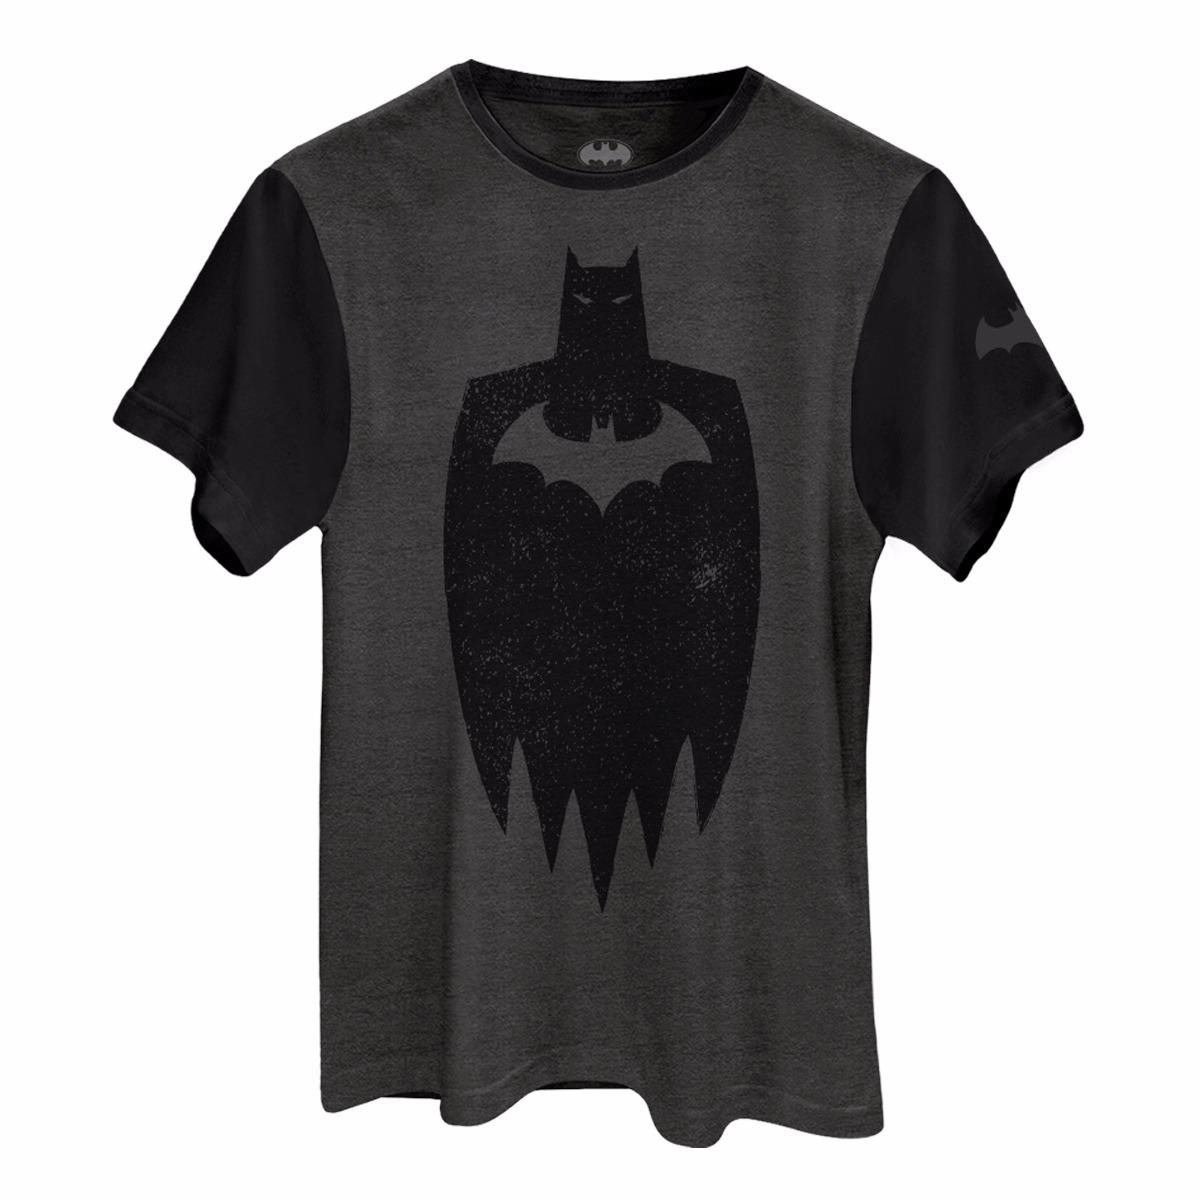 c44b9a96a Camiseta Batman Stencil Oficial Masculina - R  69